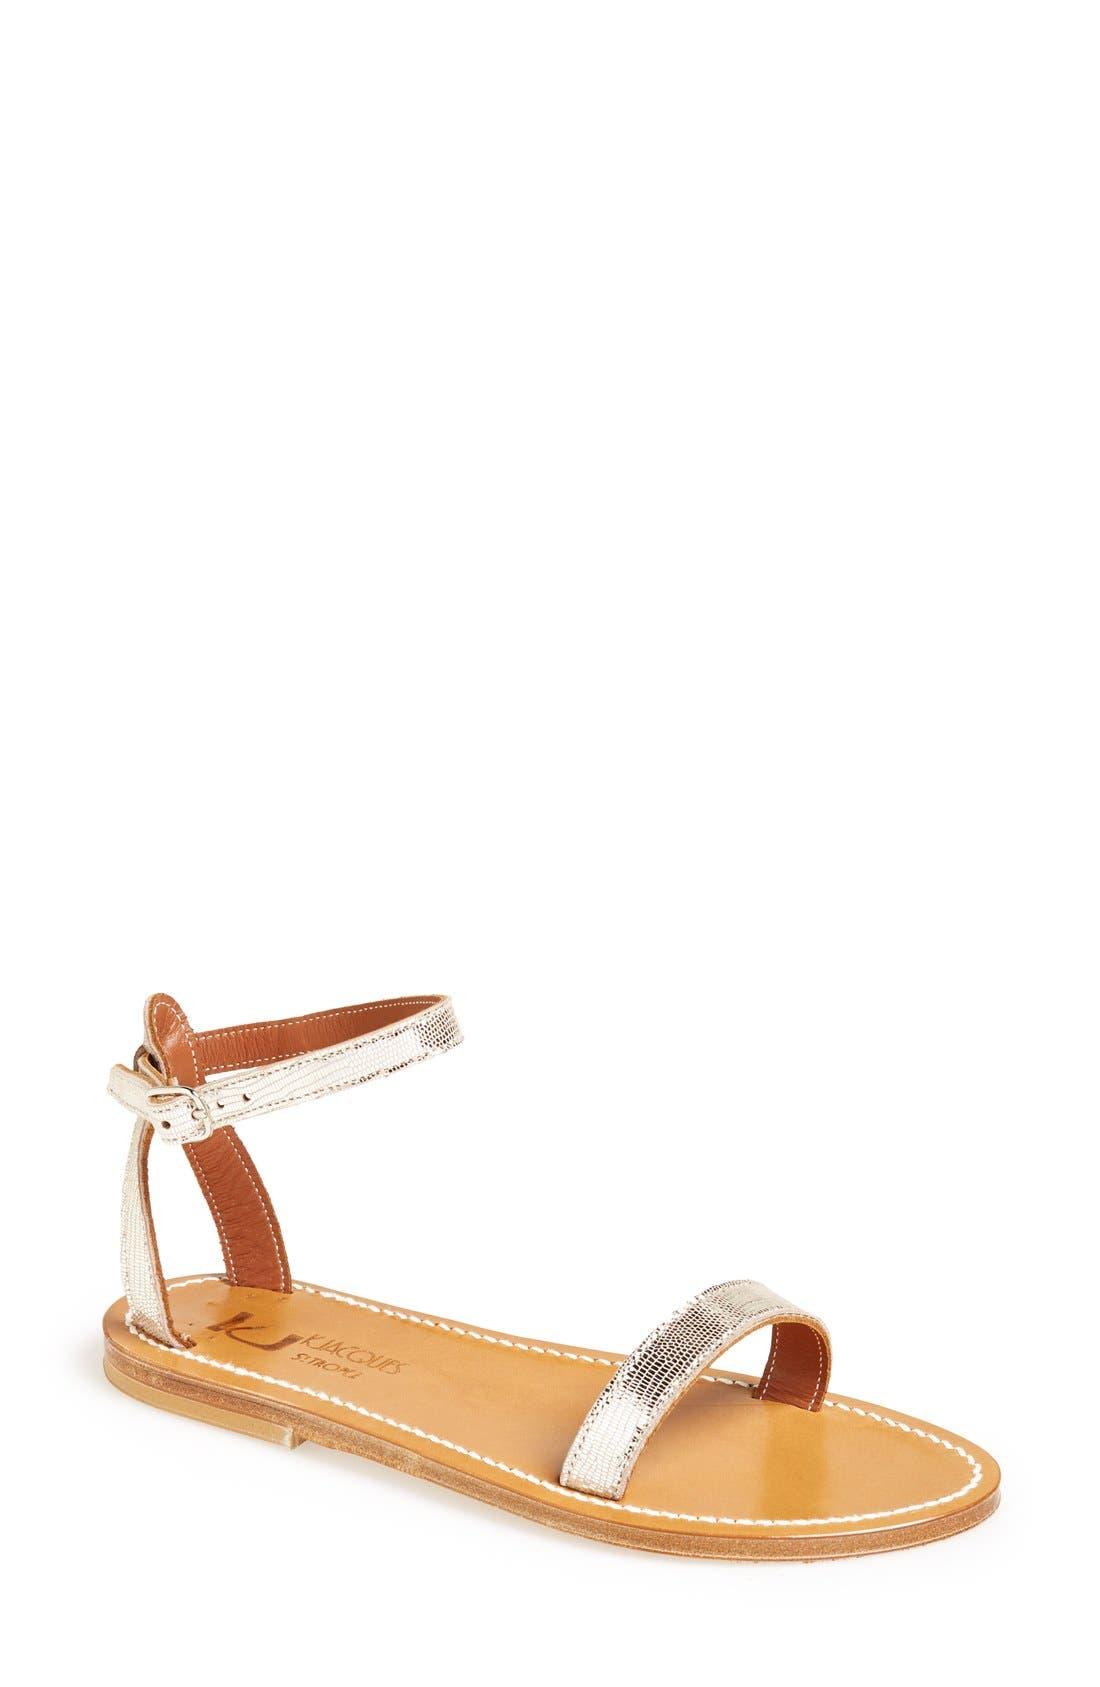 Main Image - K.Jacques St. Tropez 'Laura' Ankle Strap Sandal (Women)